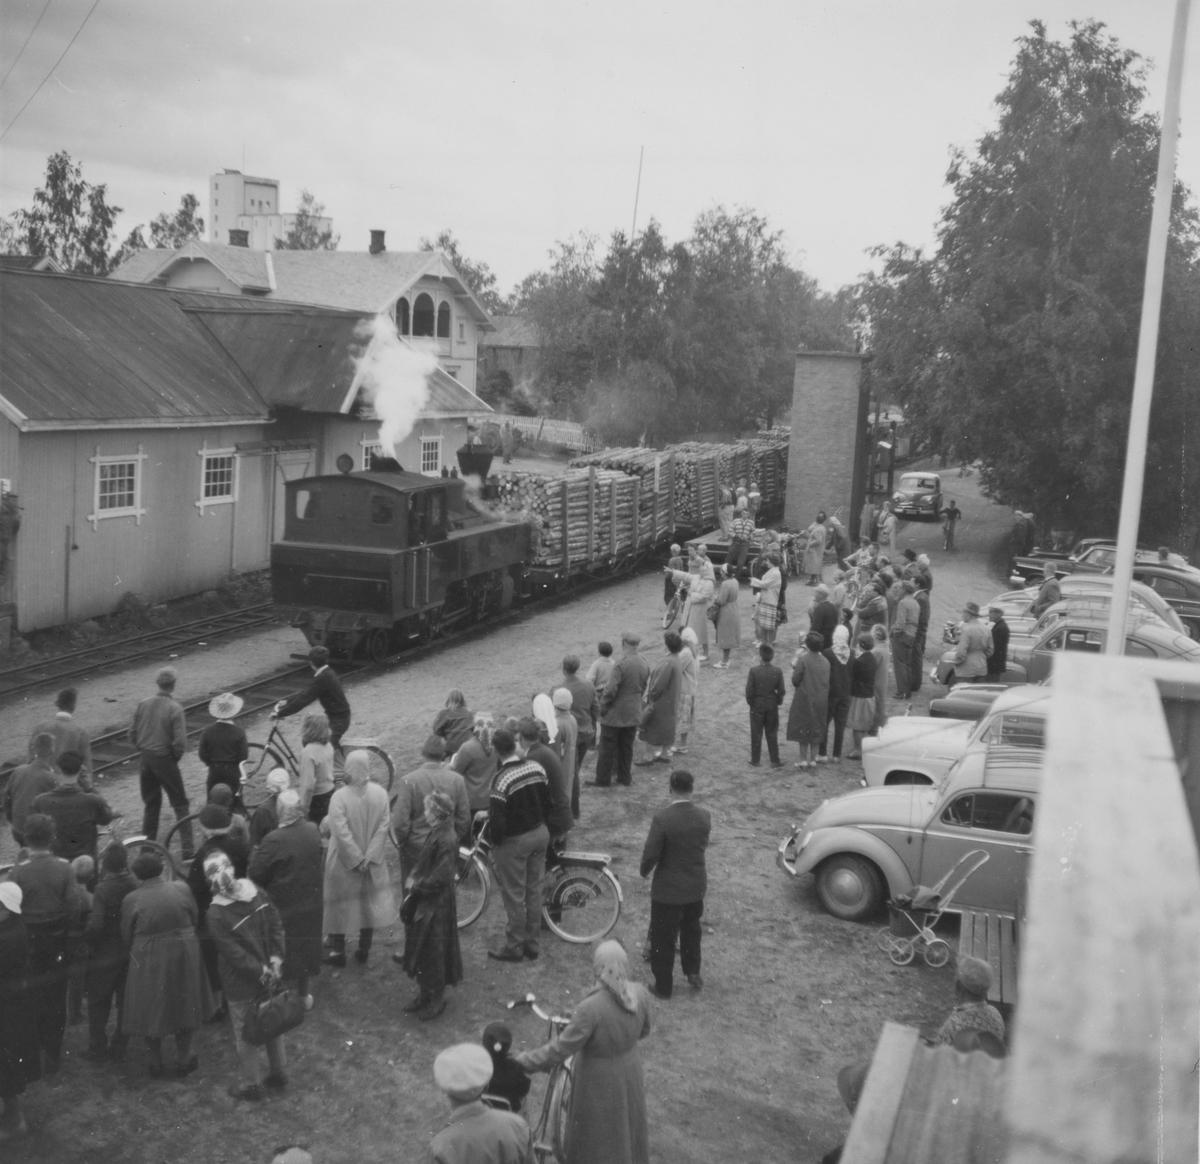 Siste ordinære tog fra Sørumsand til Skulerud kjører inn på Bjørkelangen stasjon. Lokalbefolkningen har møtt frem på stasjonen. Fotografen står i 2. etasje i stasjonsbygningen.